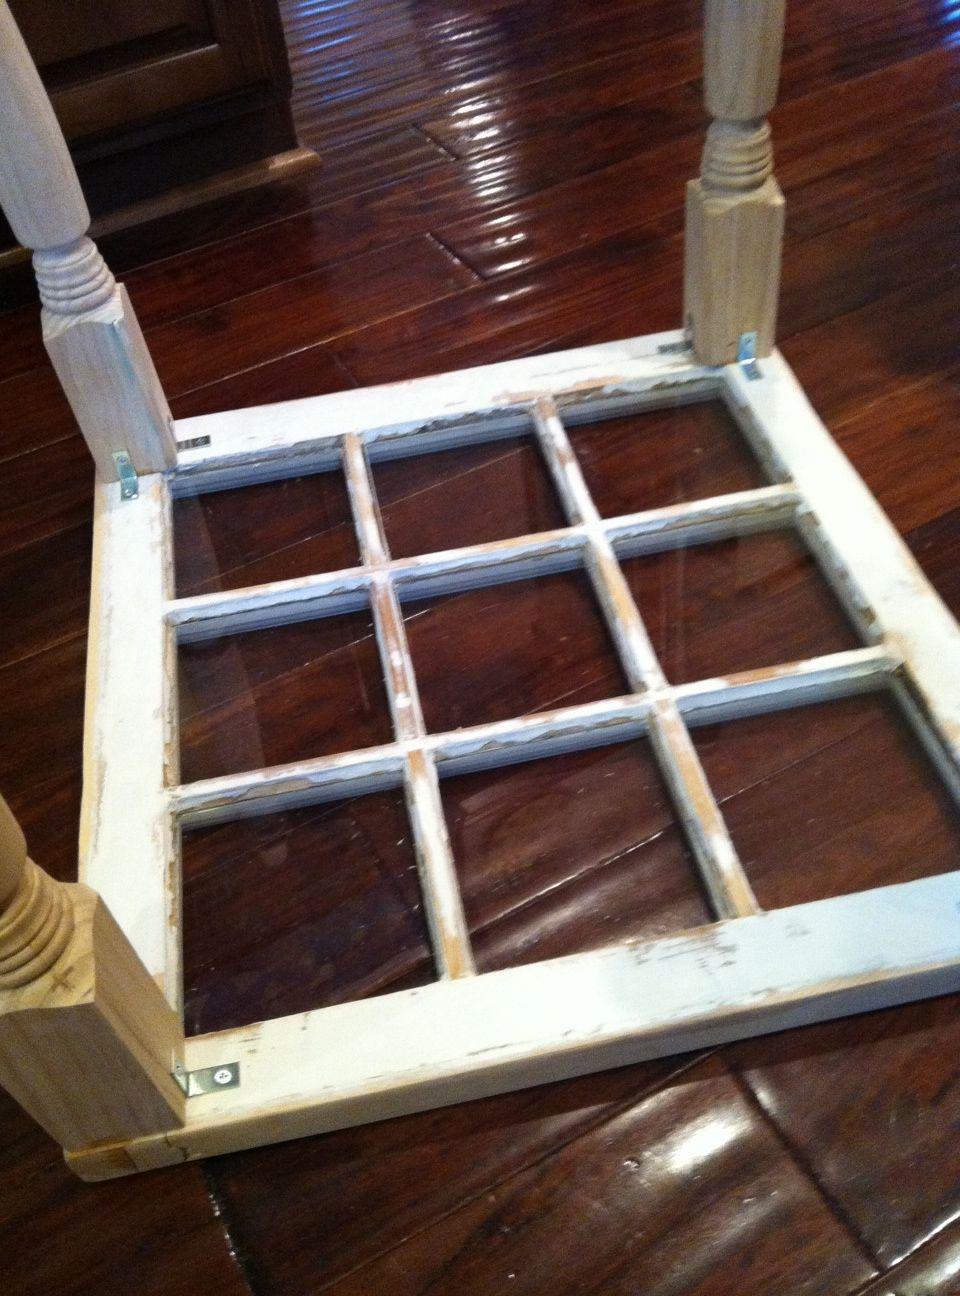 6 pane window ideas  window to coffee table  cool window ideas  pinterest  muebles